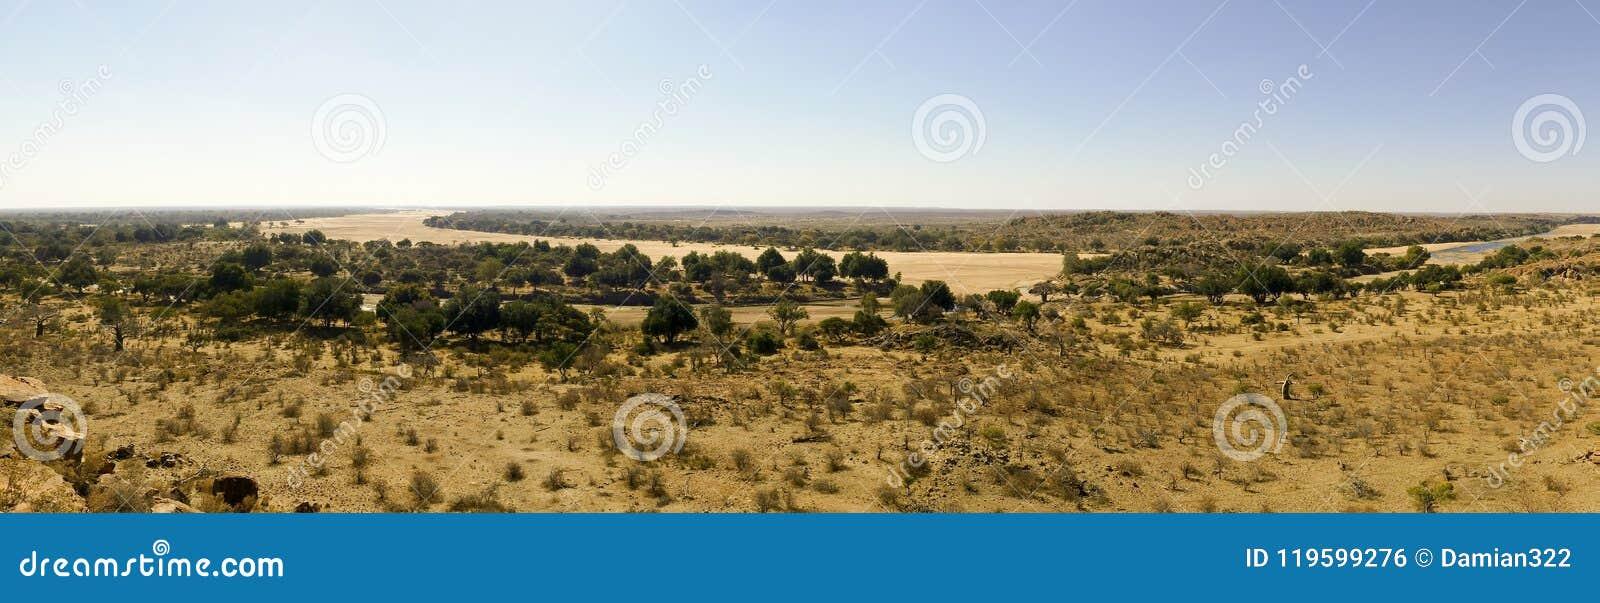 Travesía de río del Limpopo el paisaje del desierto de la nación de Mapungubwe